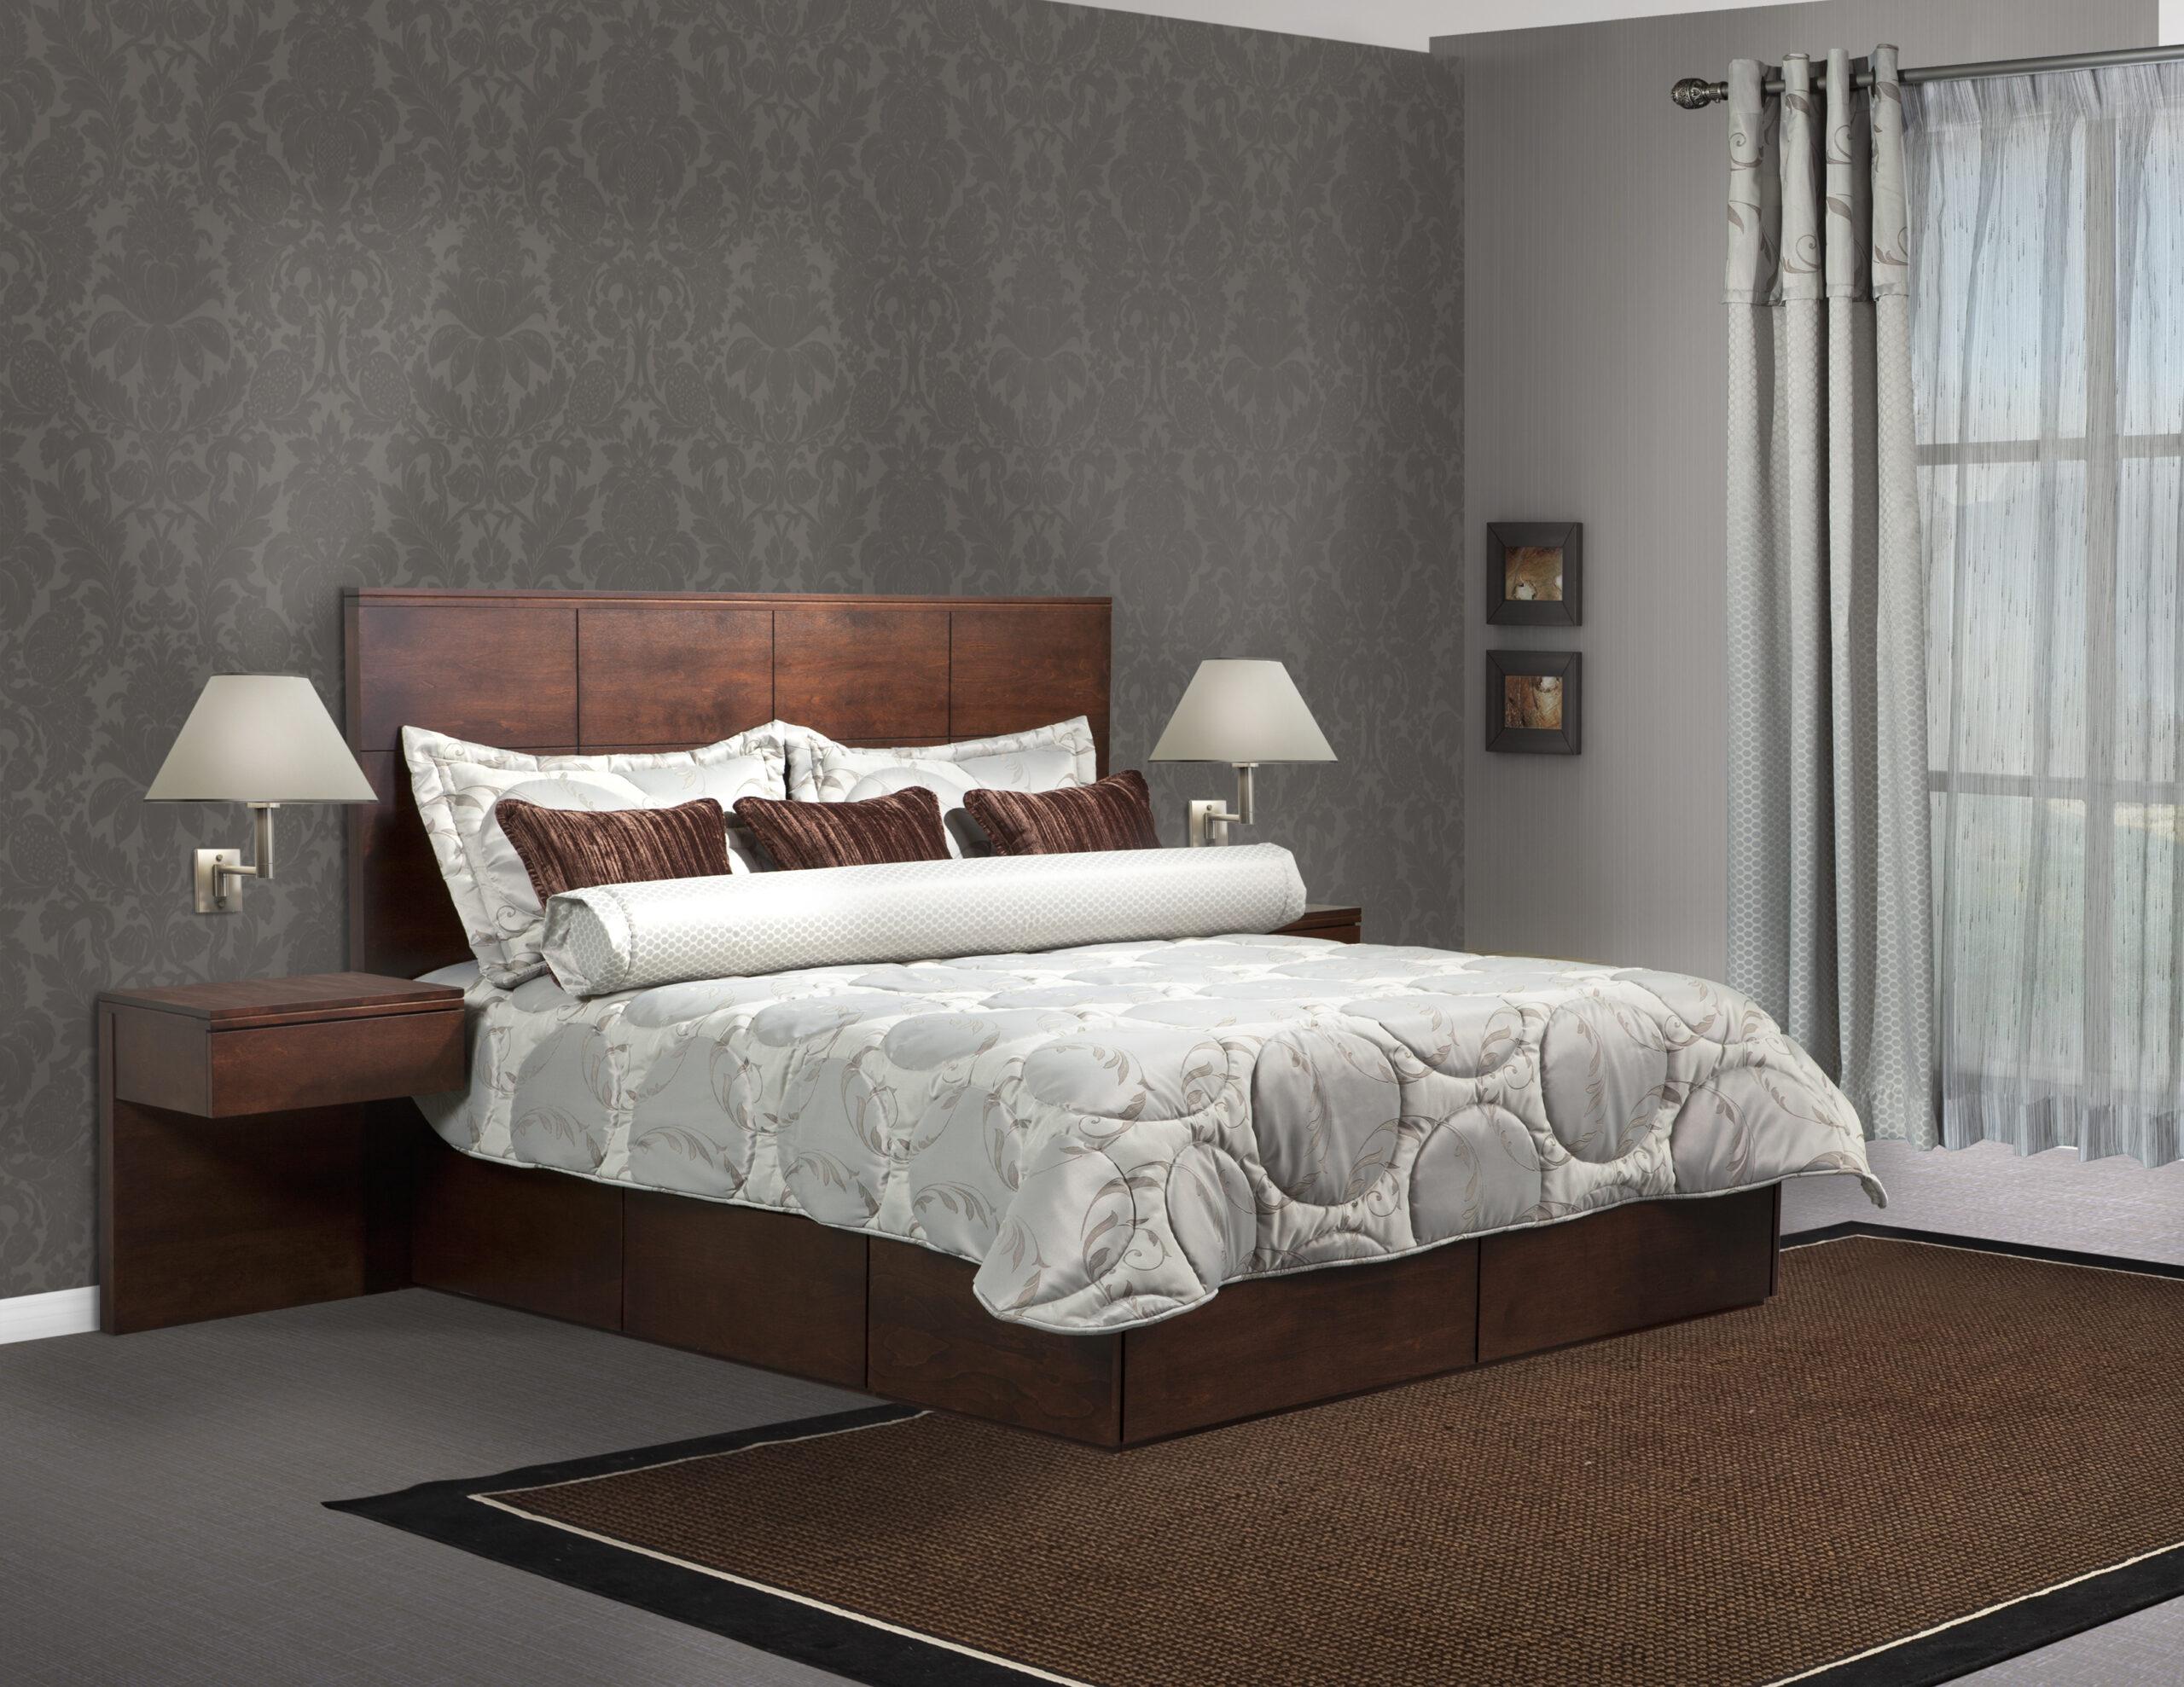 Furniture Oslow 690